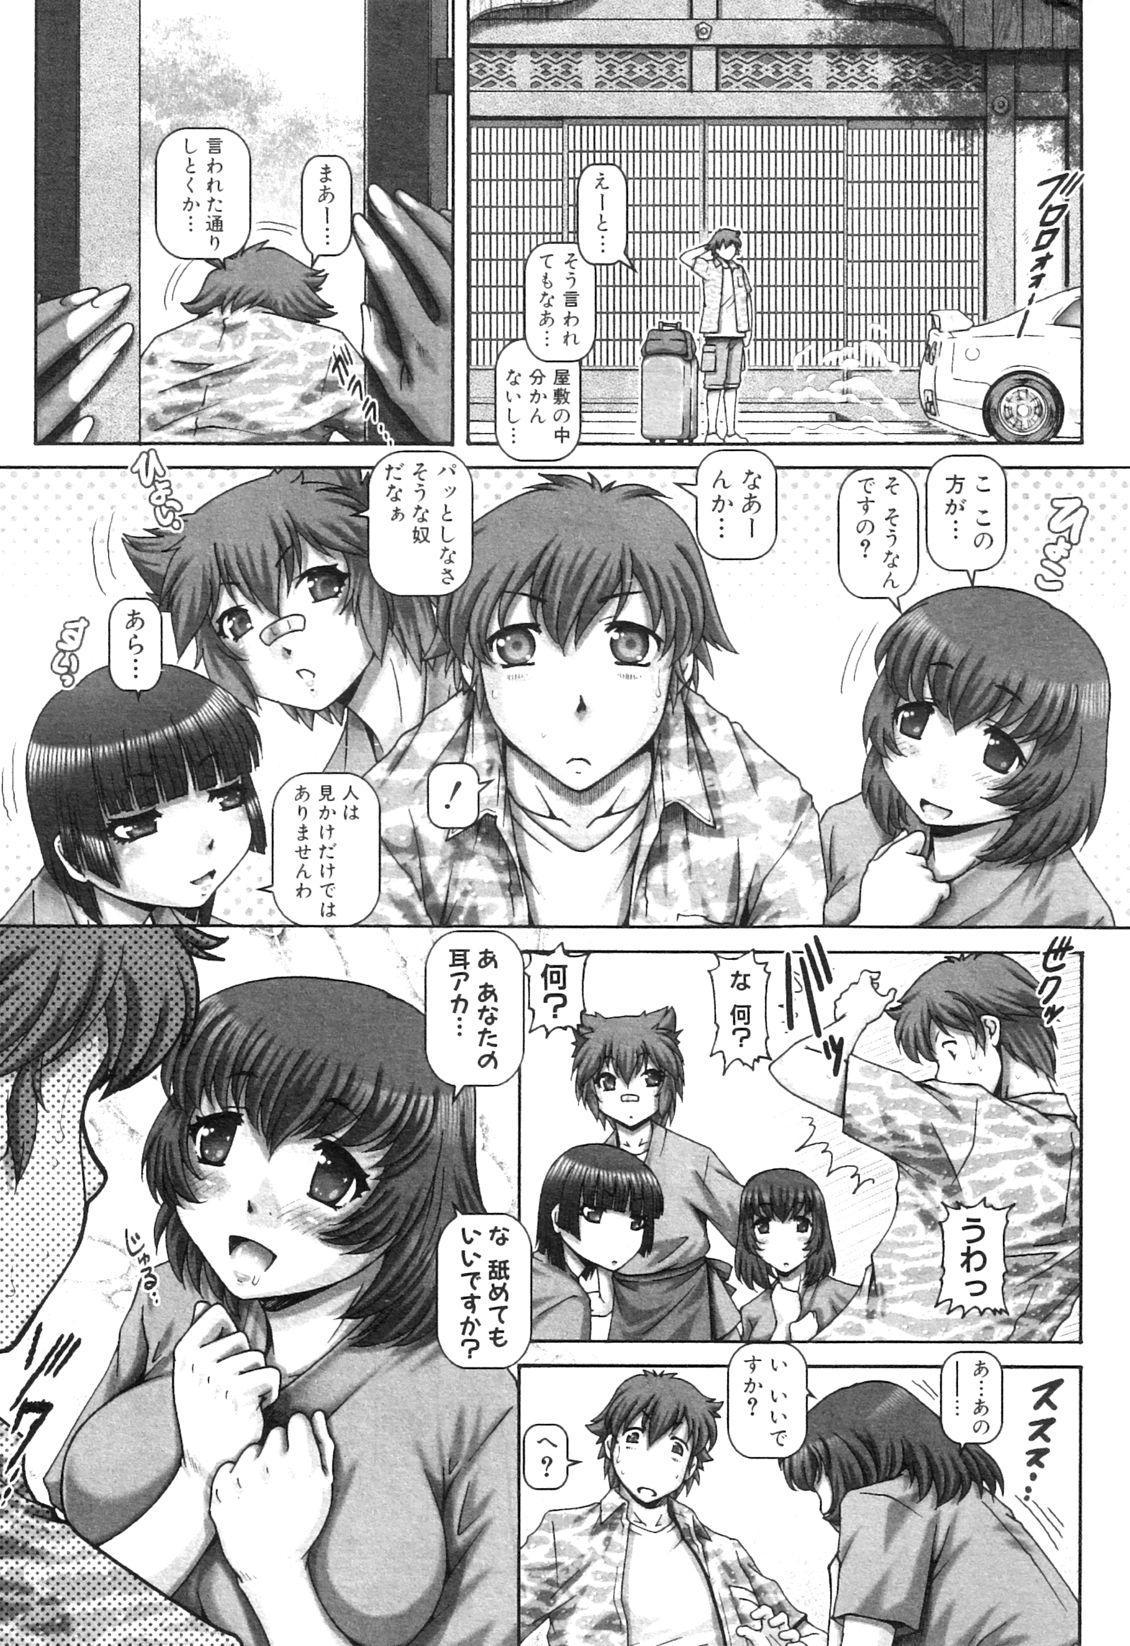 Ayakashiyakata no Tamahime 7